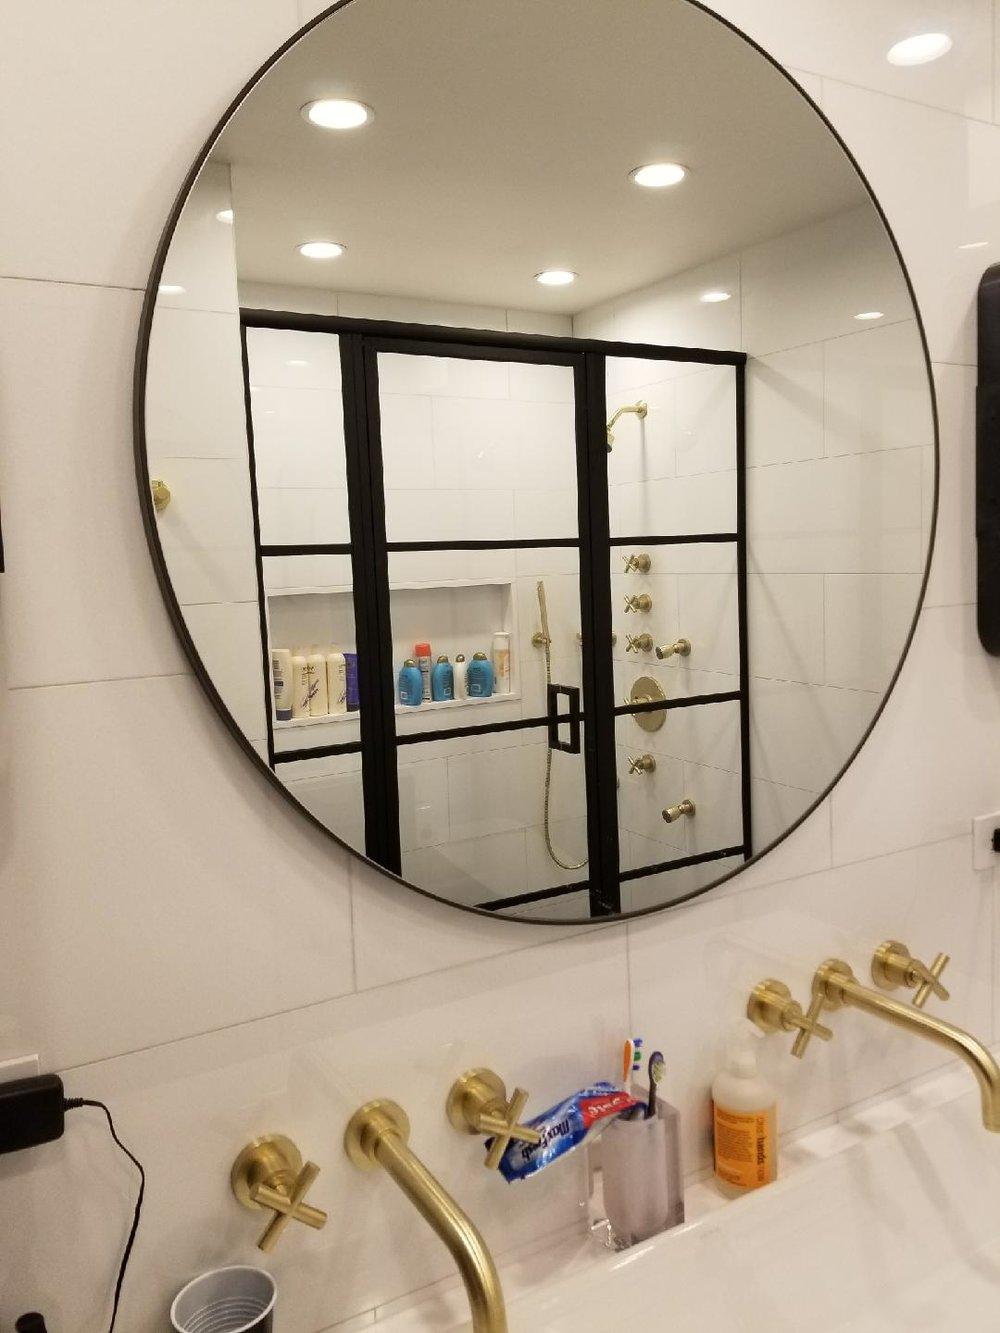 Matching MIrror and Shower Door